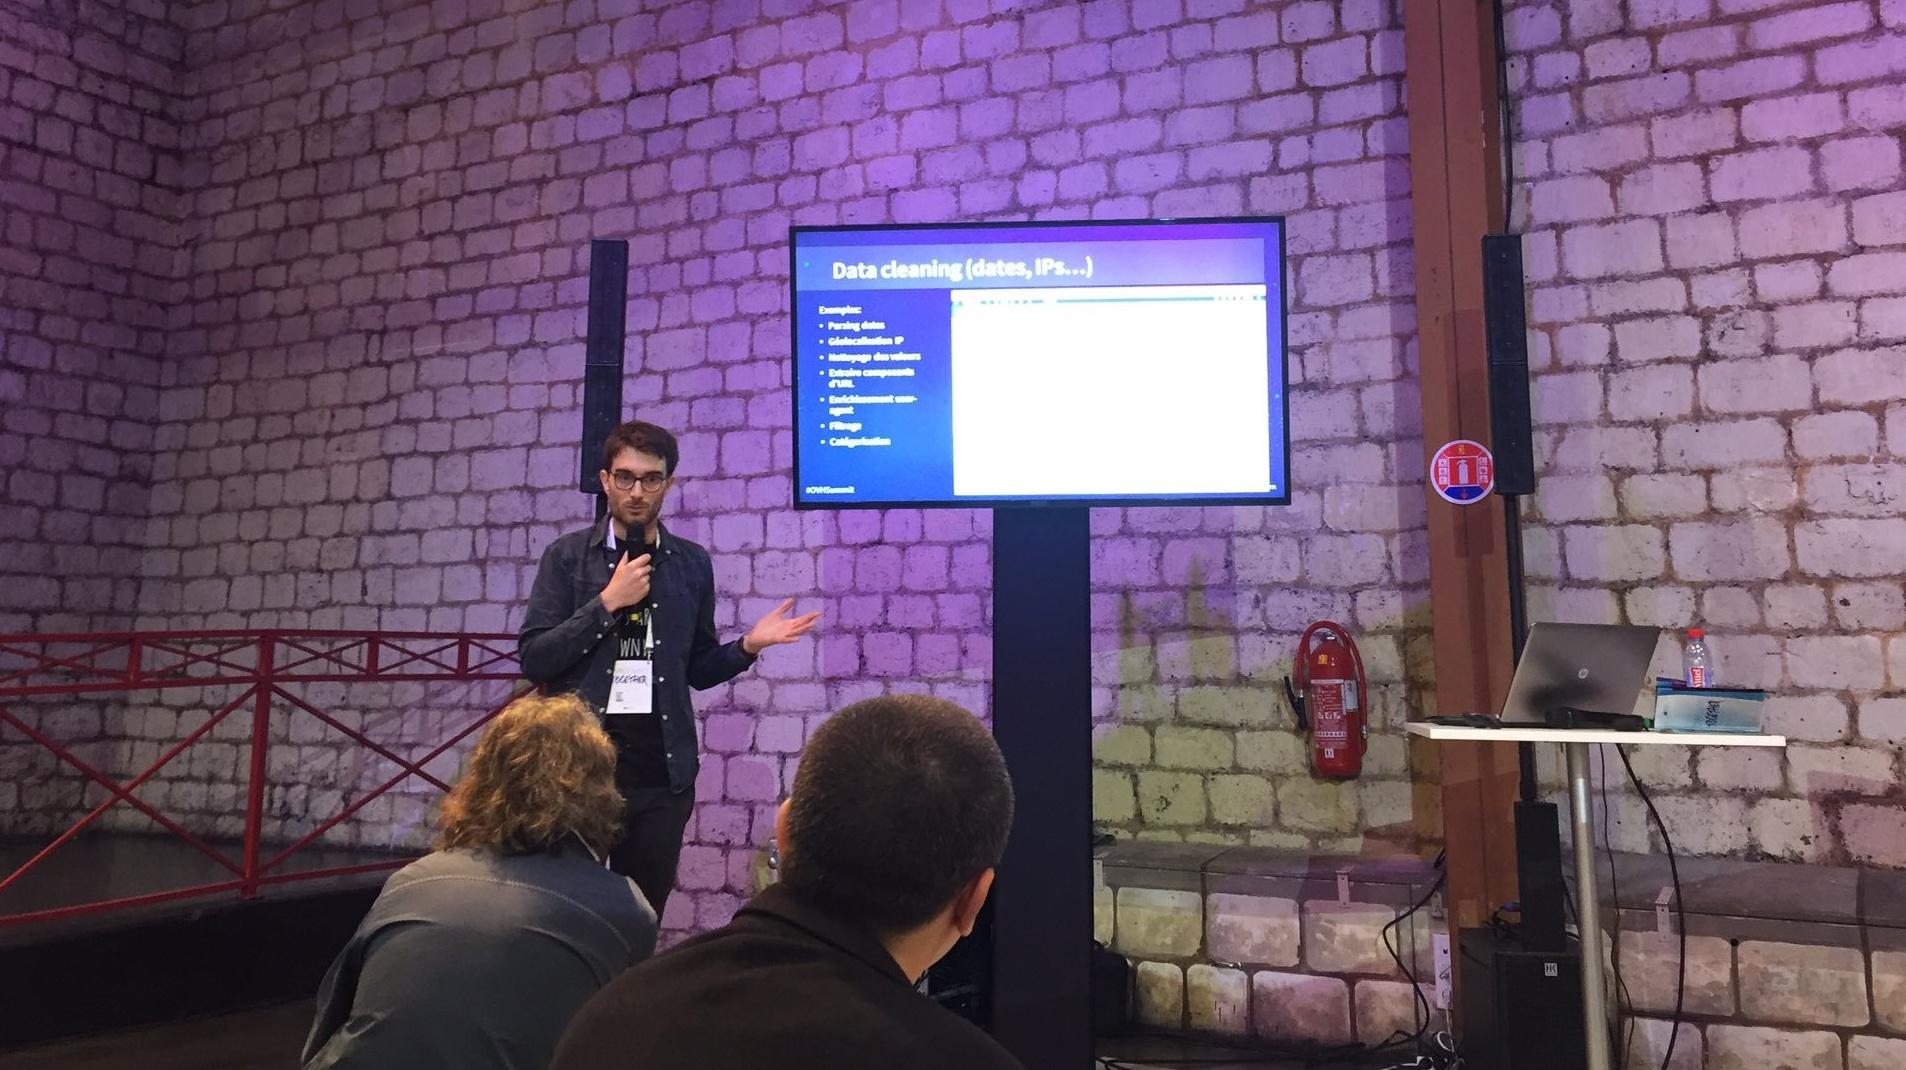 Jeremy greze talk at ovh summit 2016